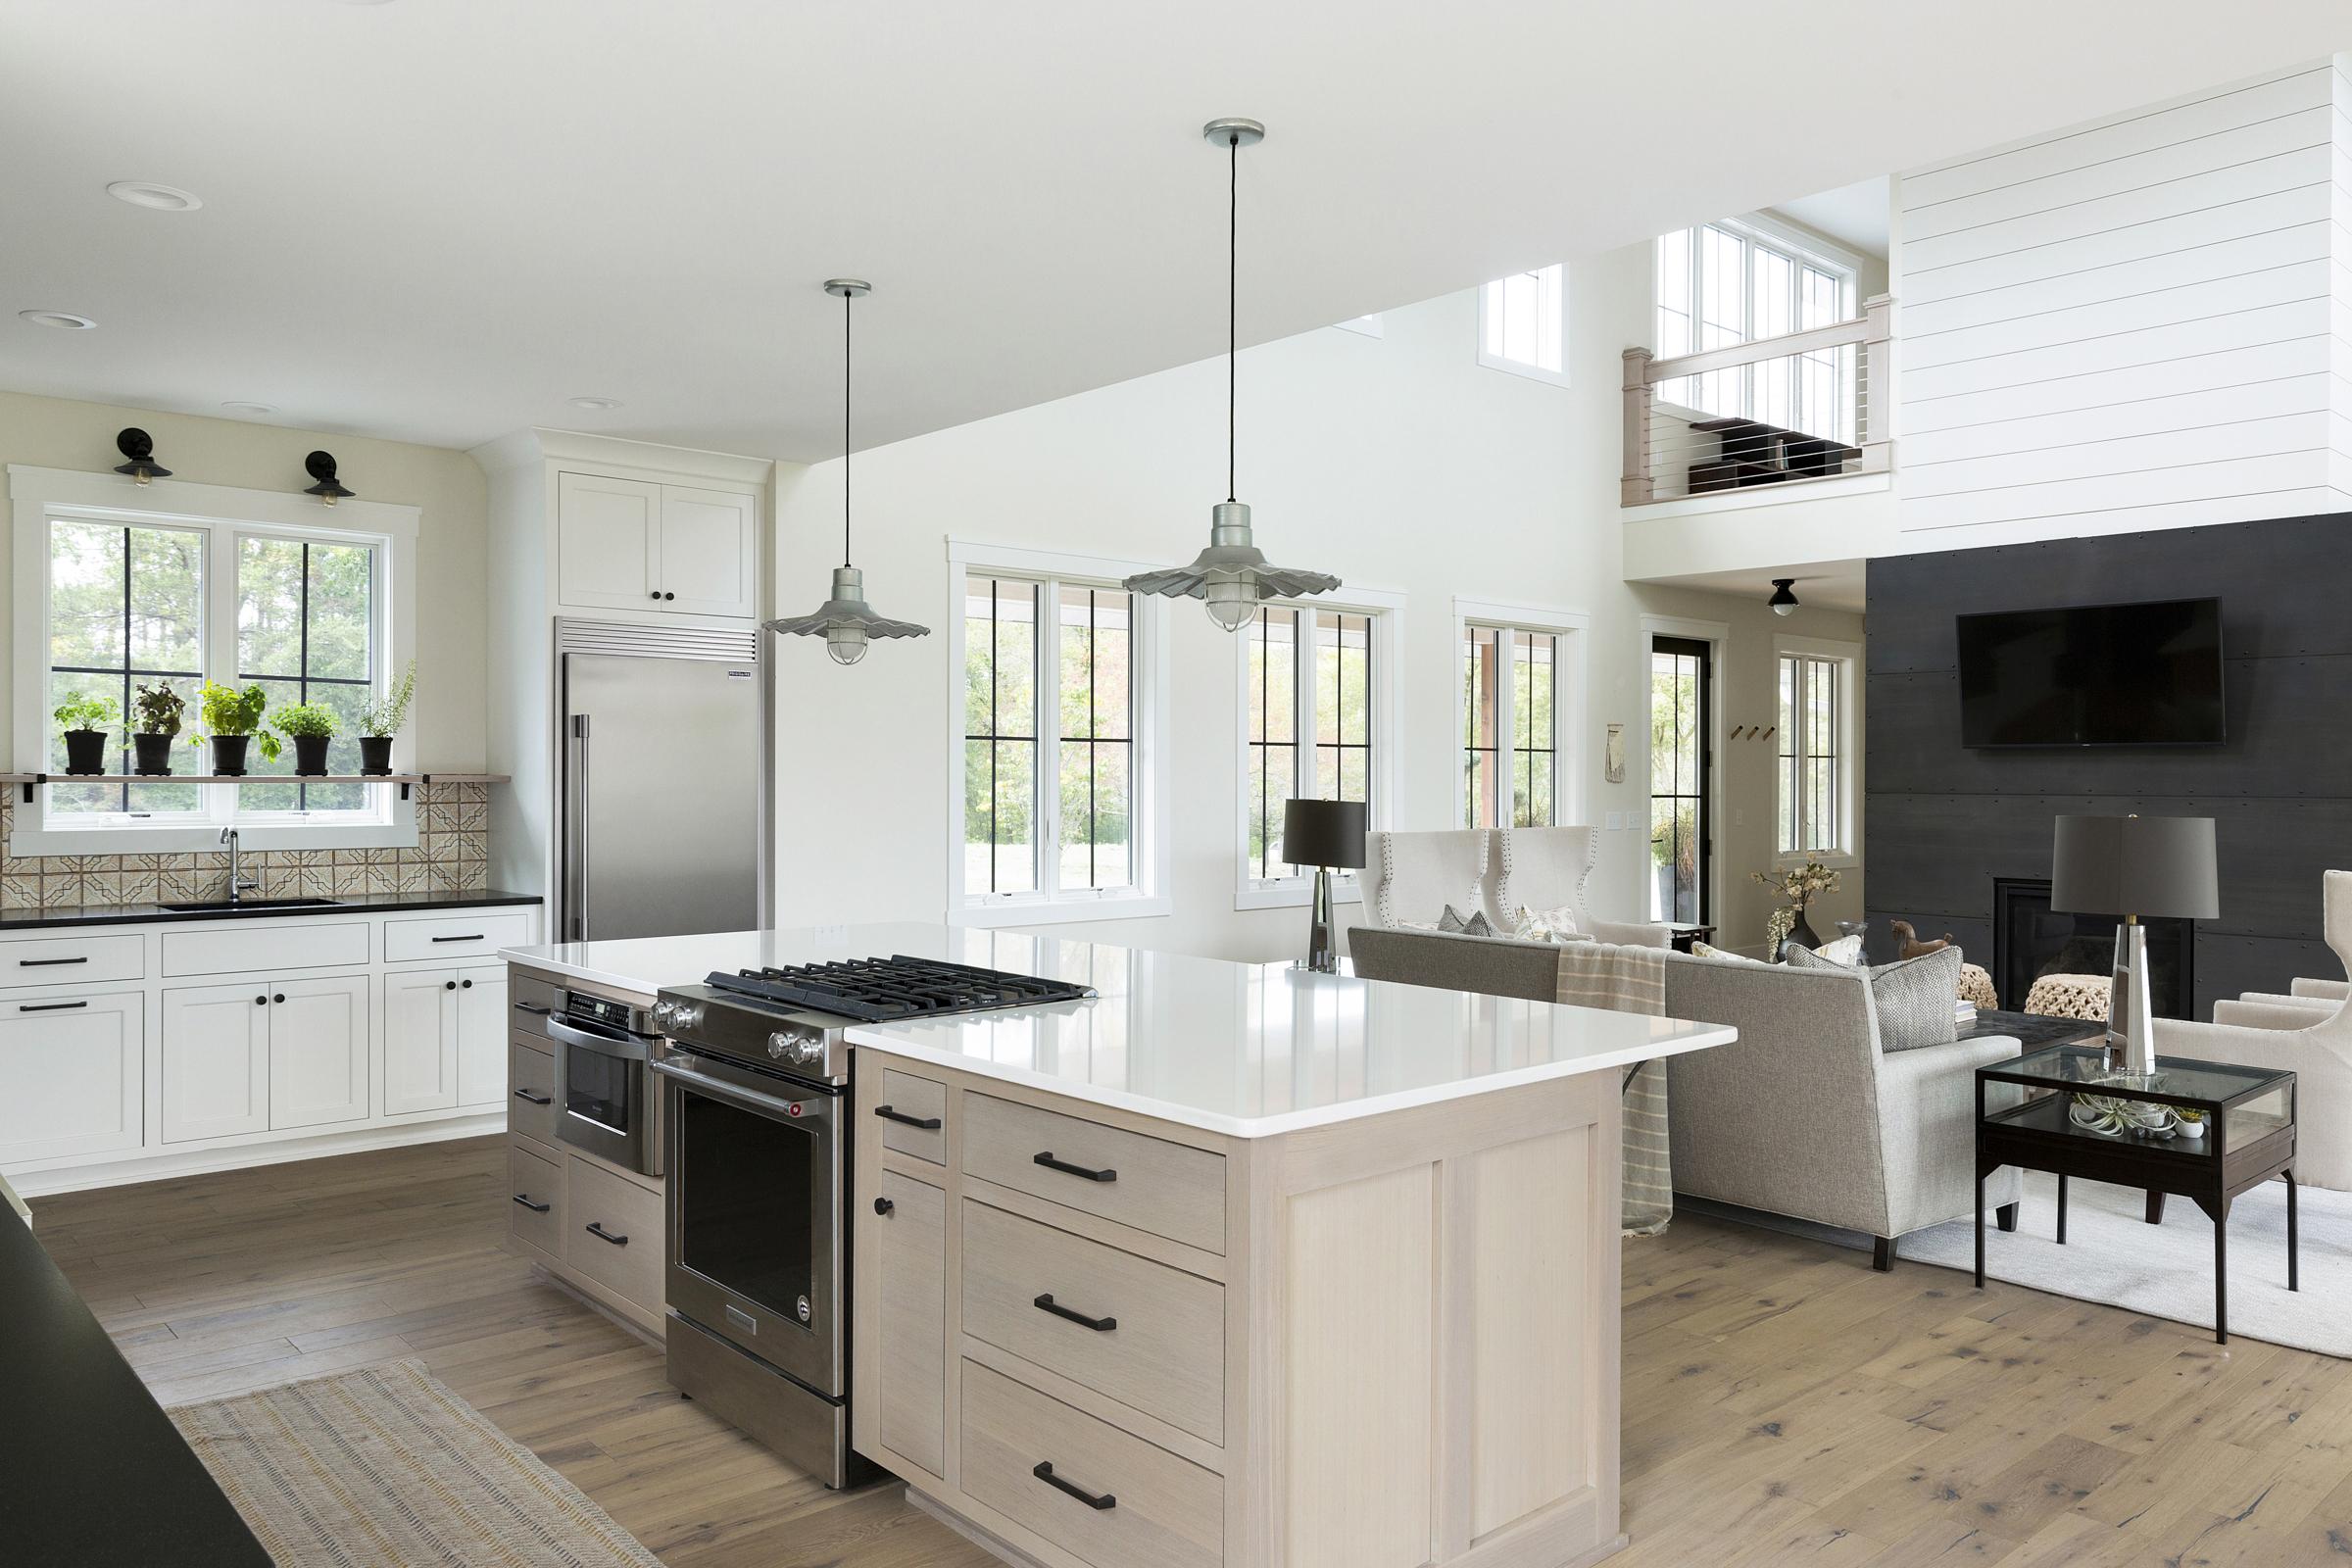 Home_Designer_StillwaterMN_12.jpg